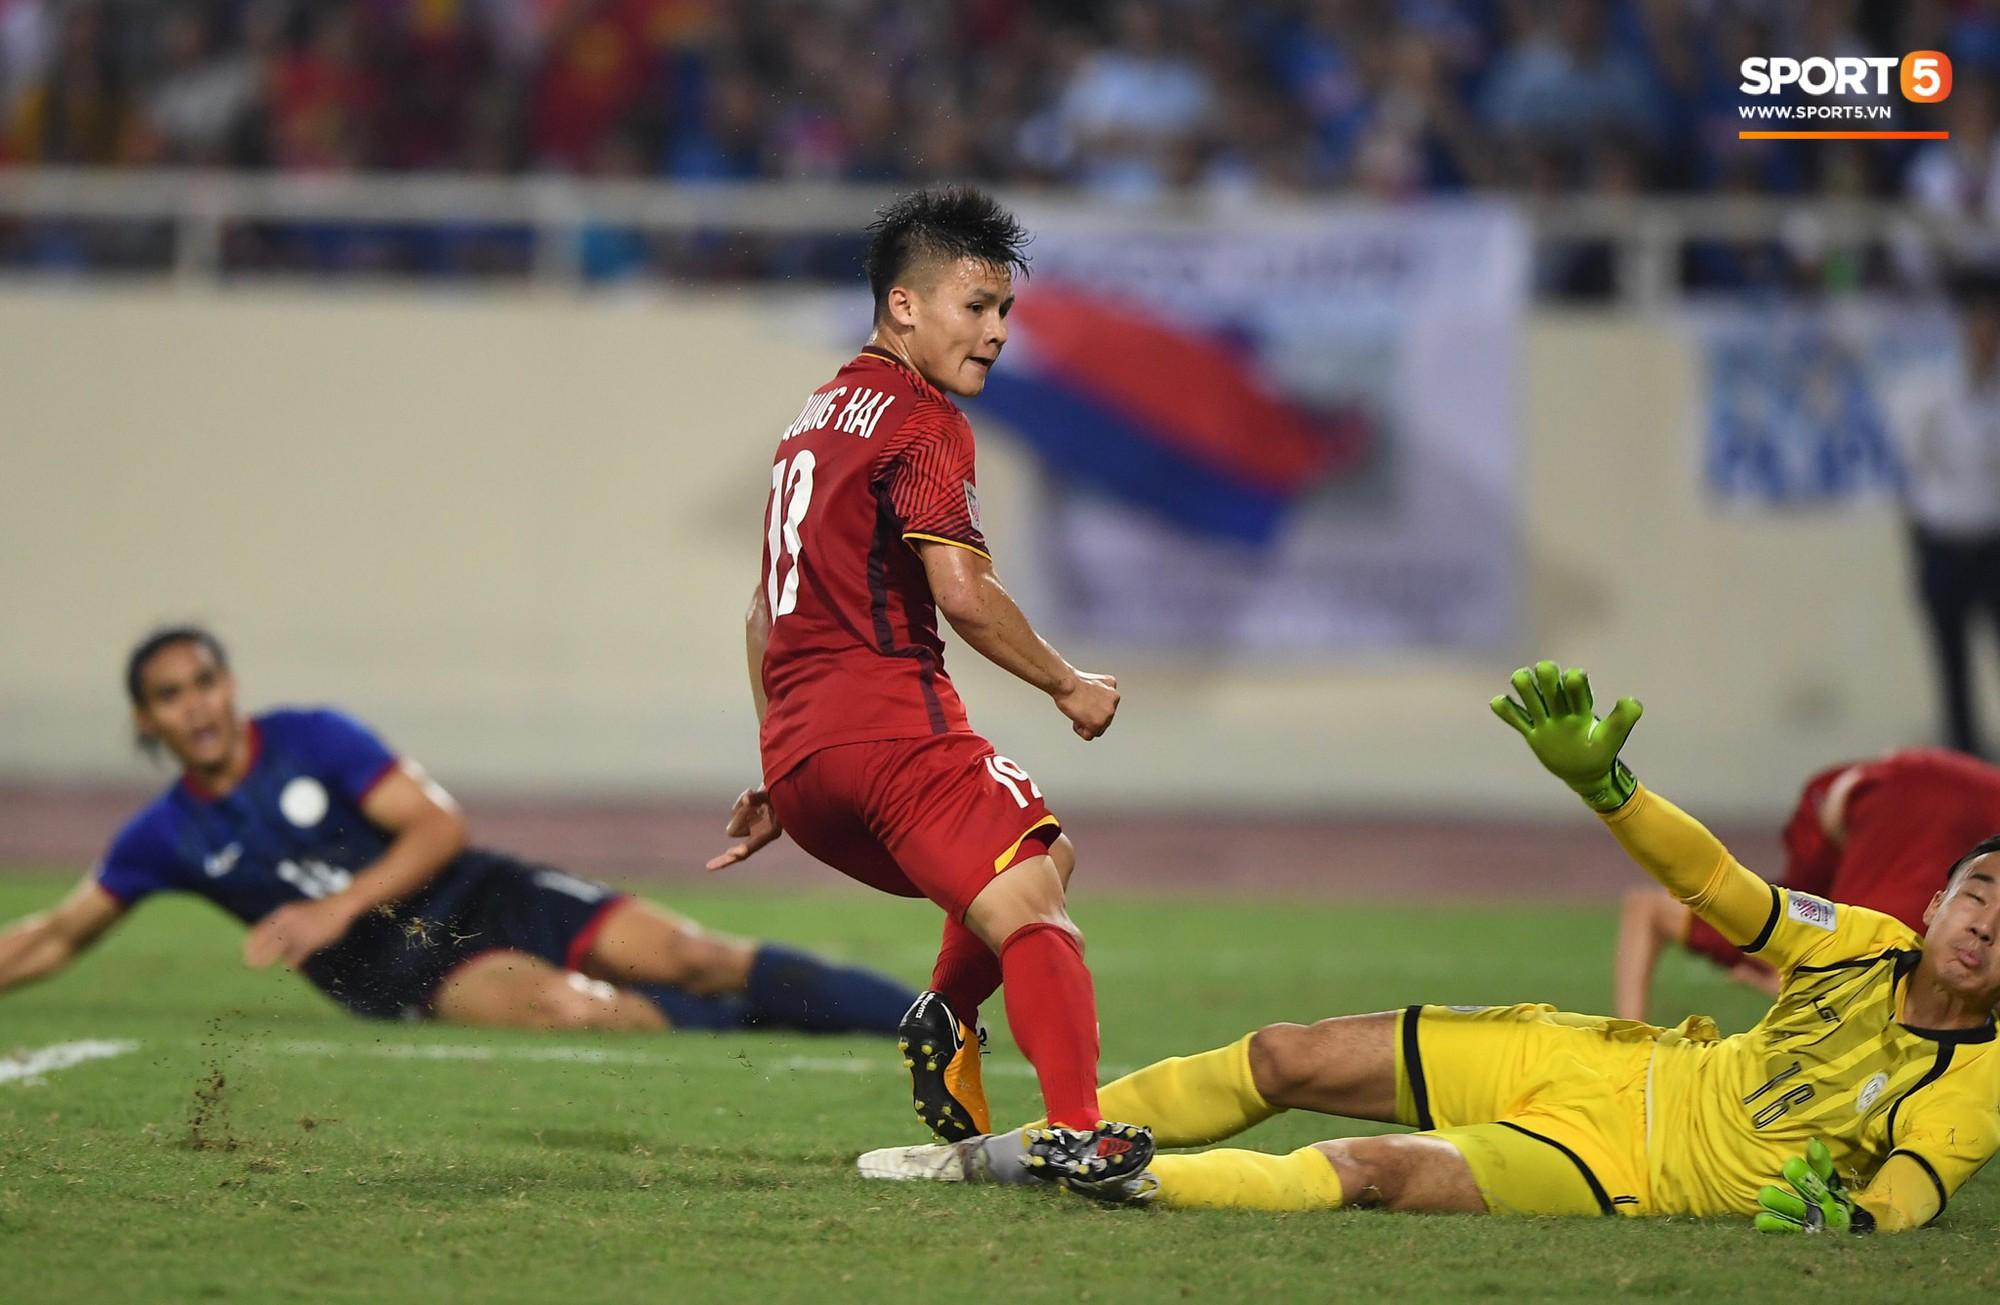 Quang Hải ghi bàn thắng giống hệt tiền bối cùng tên cách đây 10 năm, thêm một dấu hiệu Việt Nam vô địch xuất hiện - Ảnh 3.